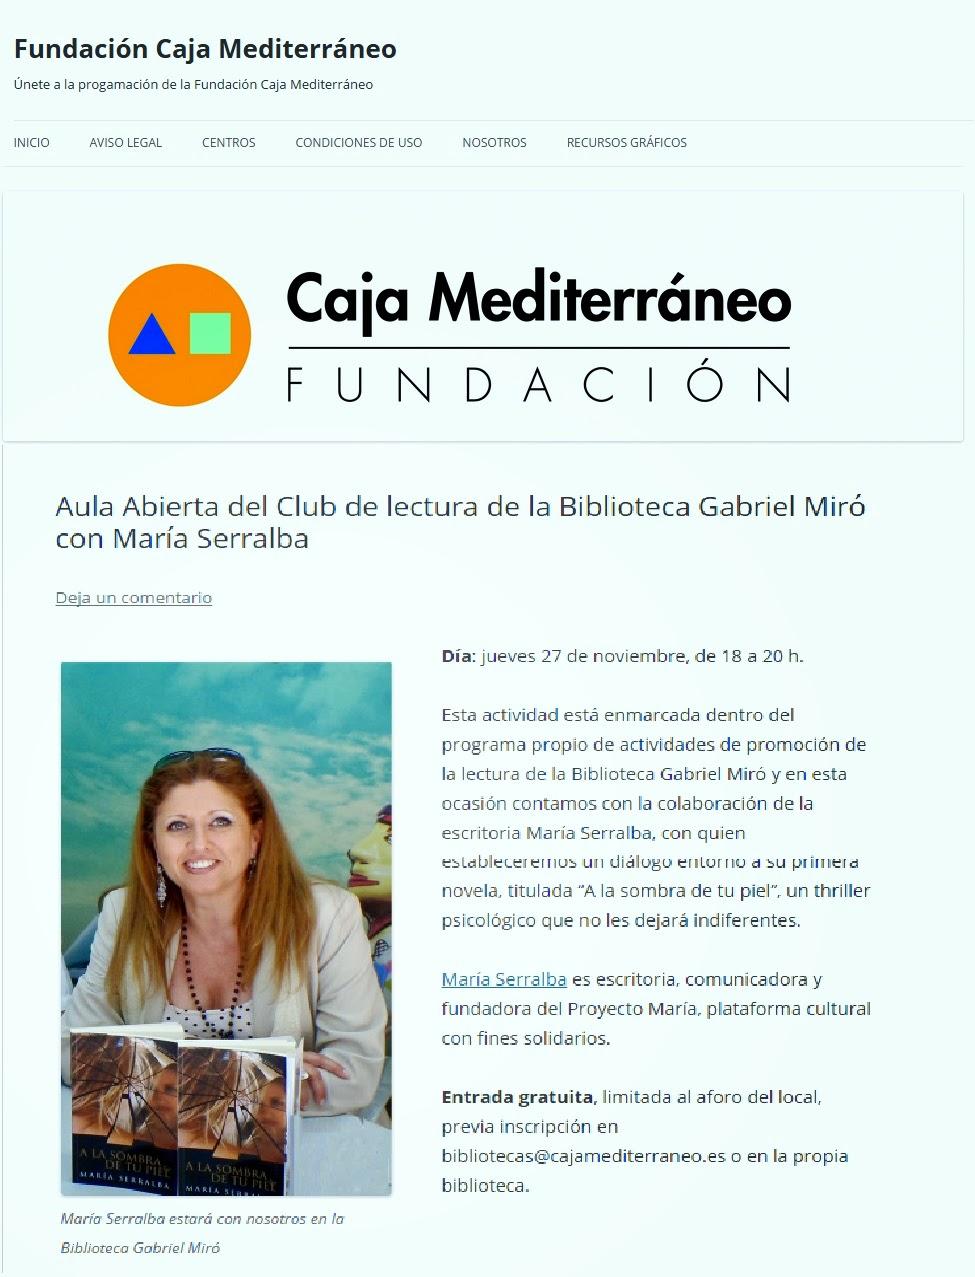 El Blog de María Serralba - Próxima cita: Aula Abierta Club Lectura Biblioteca Gabriel Miró